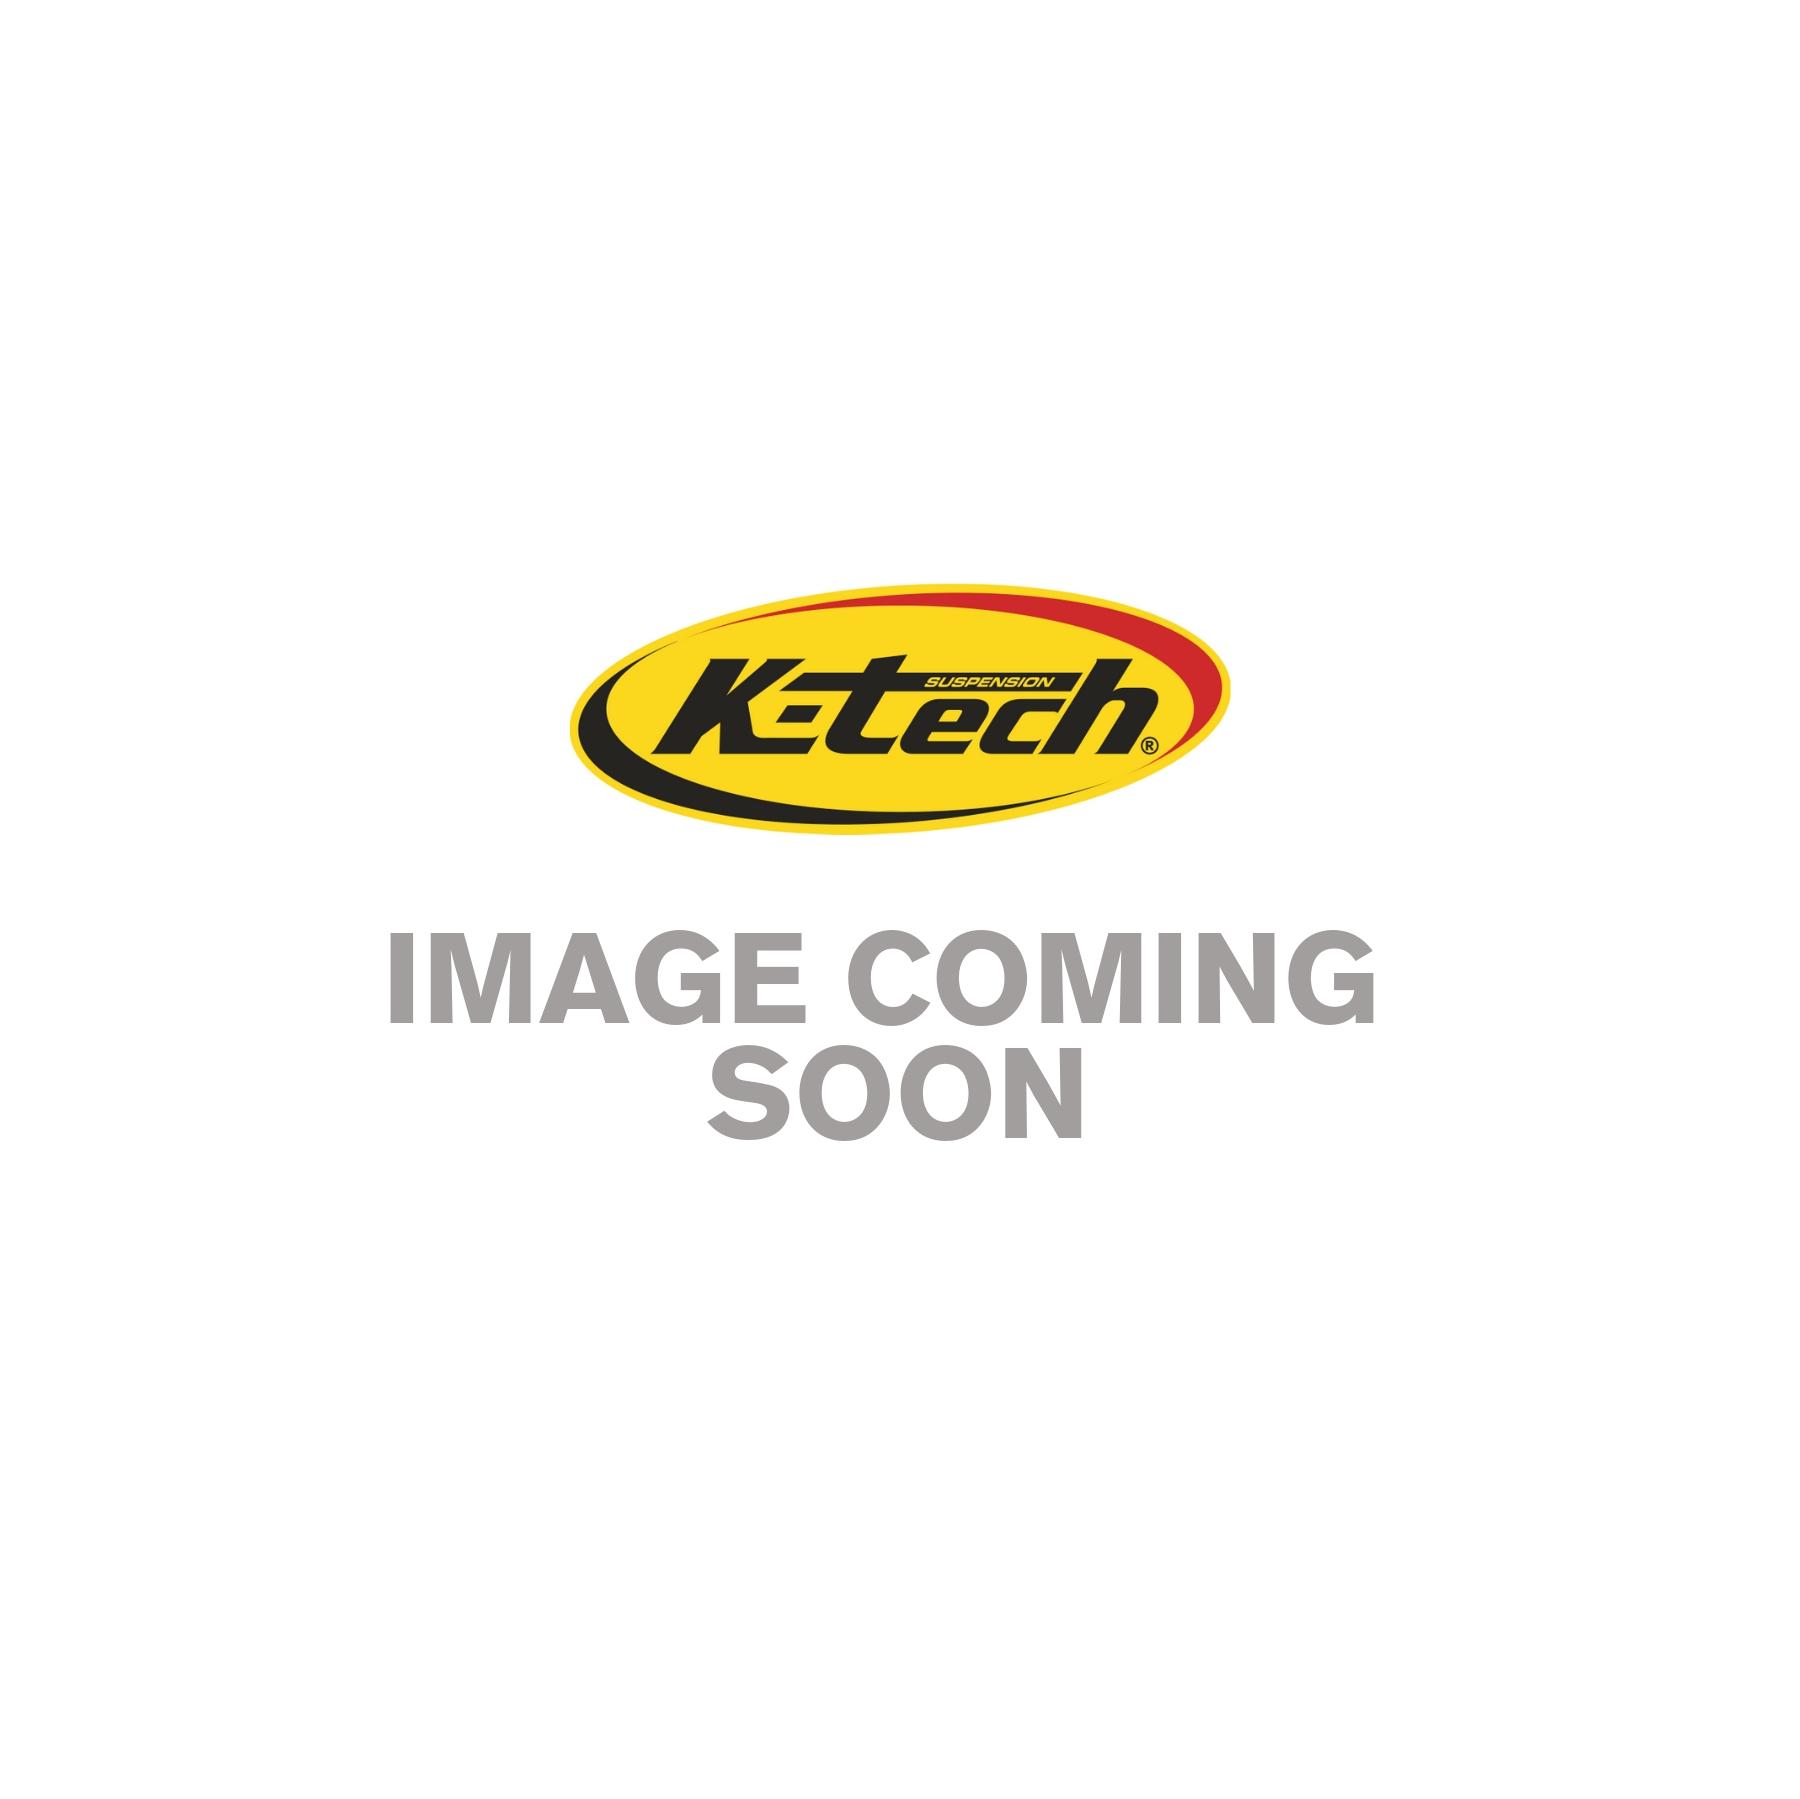 Tool - Shock Absorber Compression Valve Socket -Showa 21mm